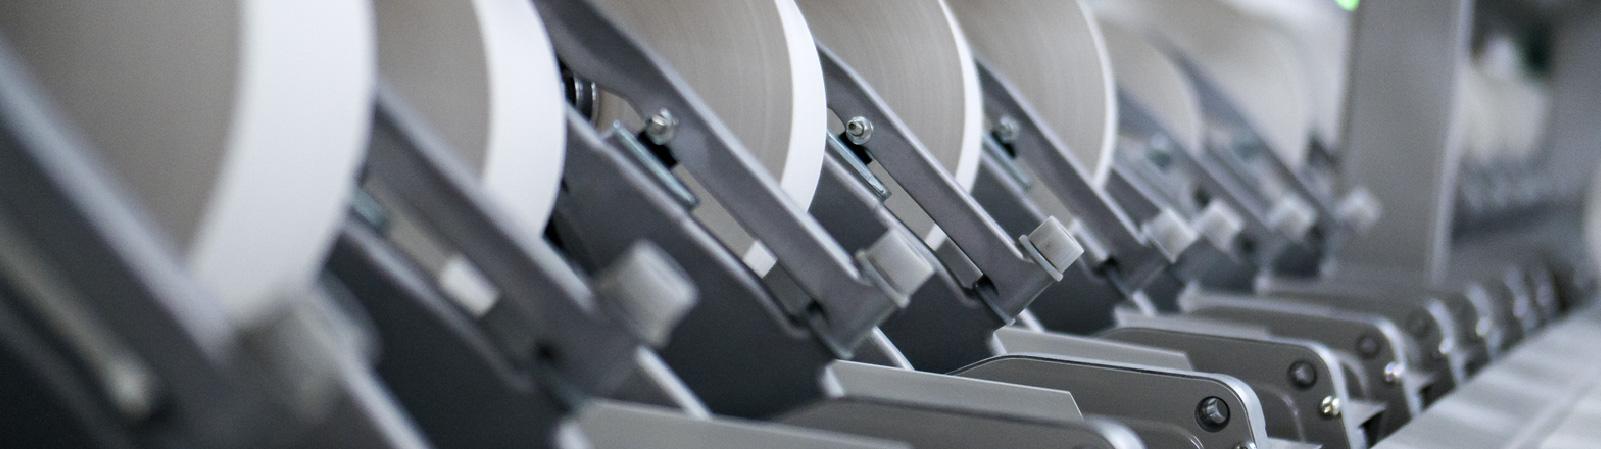 Zoom de las máquinas de hilo en Defils